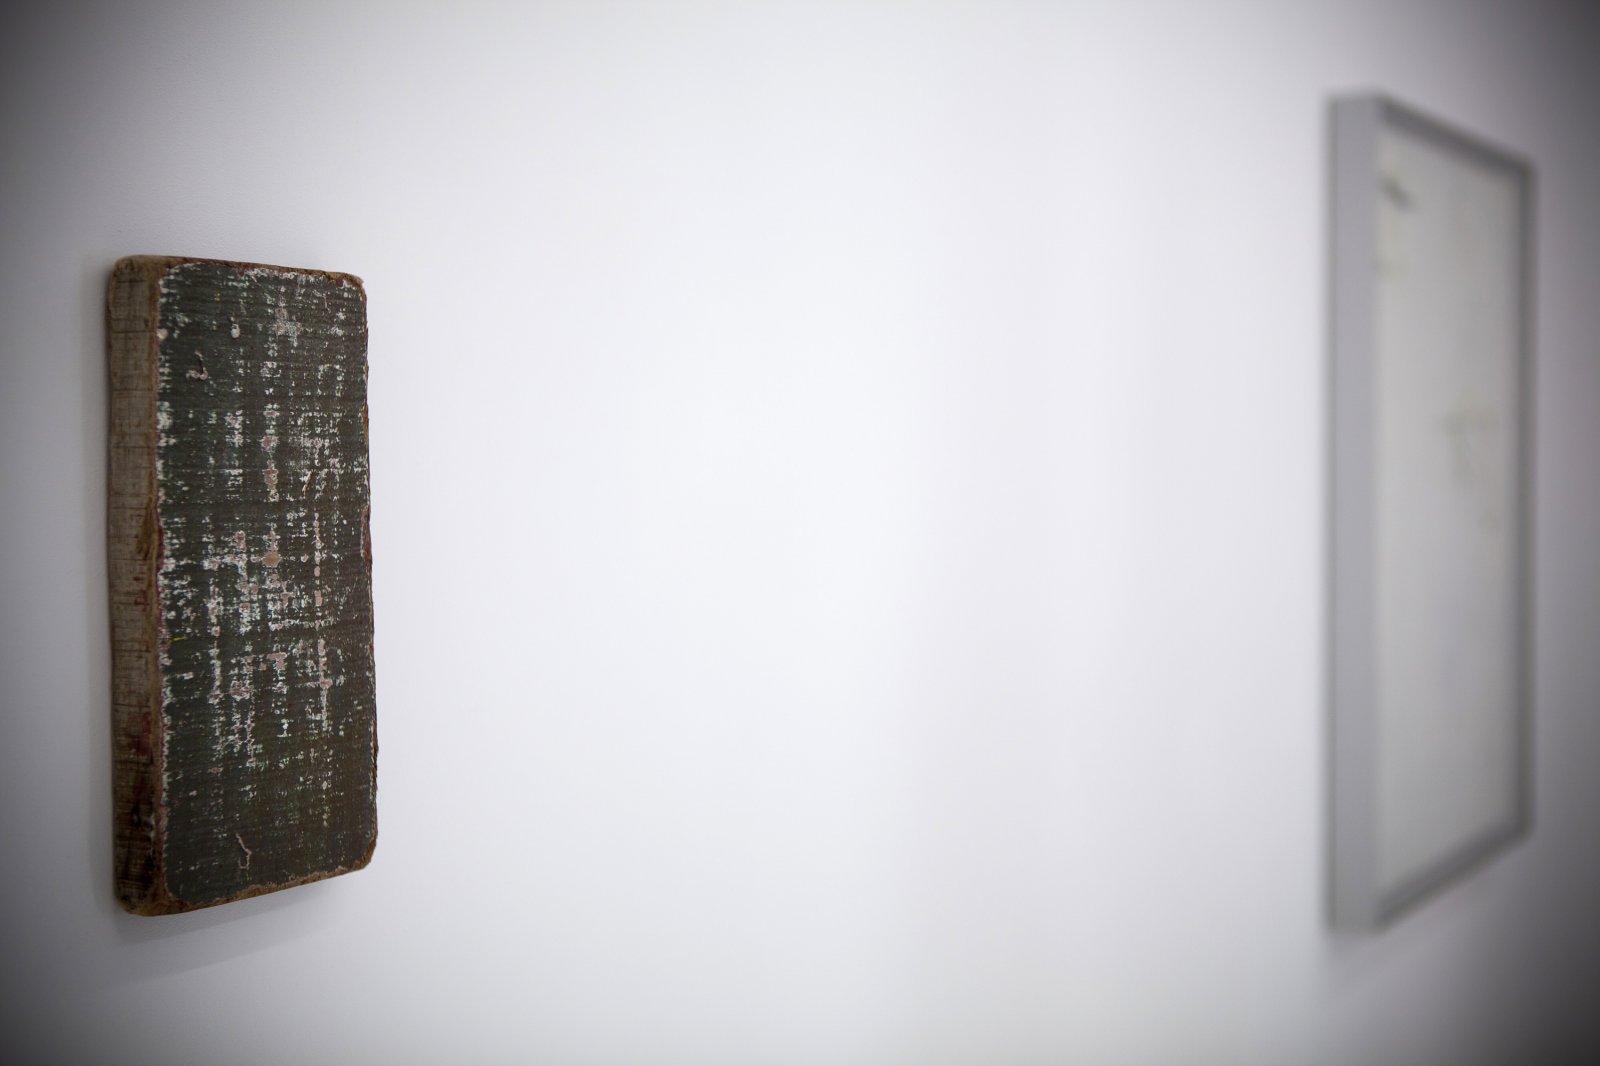 4. Galería Louis 21. \'Sobre El Muro\'. Teo Soriano